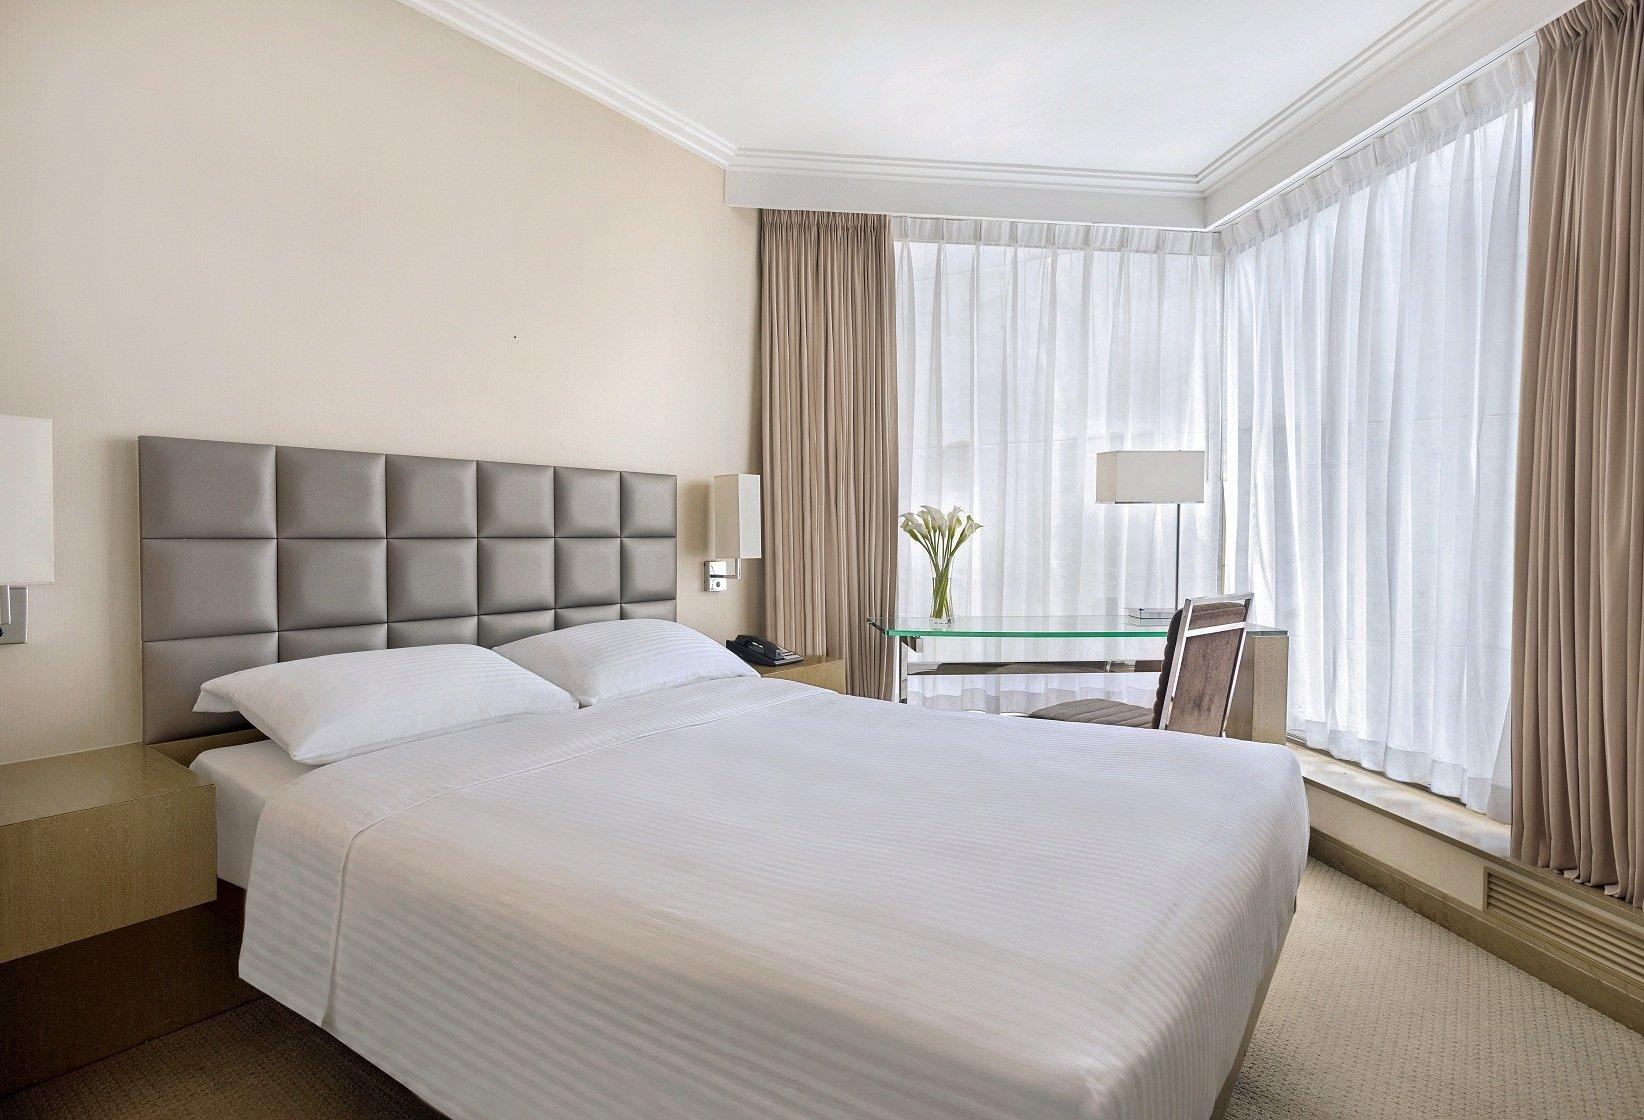 九龍酒店 The Kowloon Hotel-高級客房 4h | 24小時任選時段 🏪